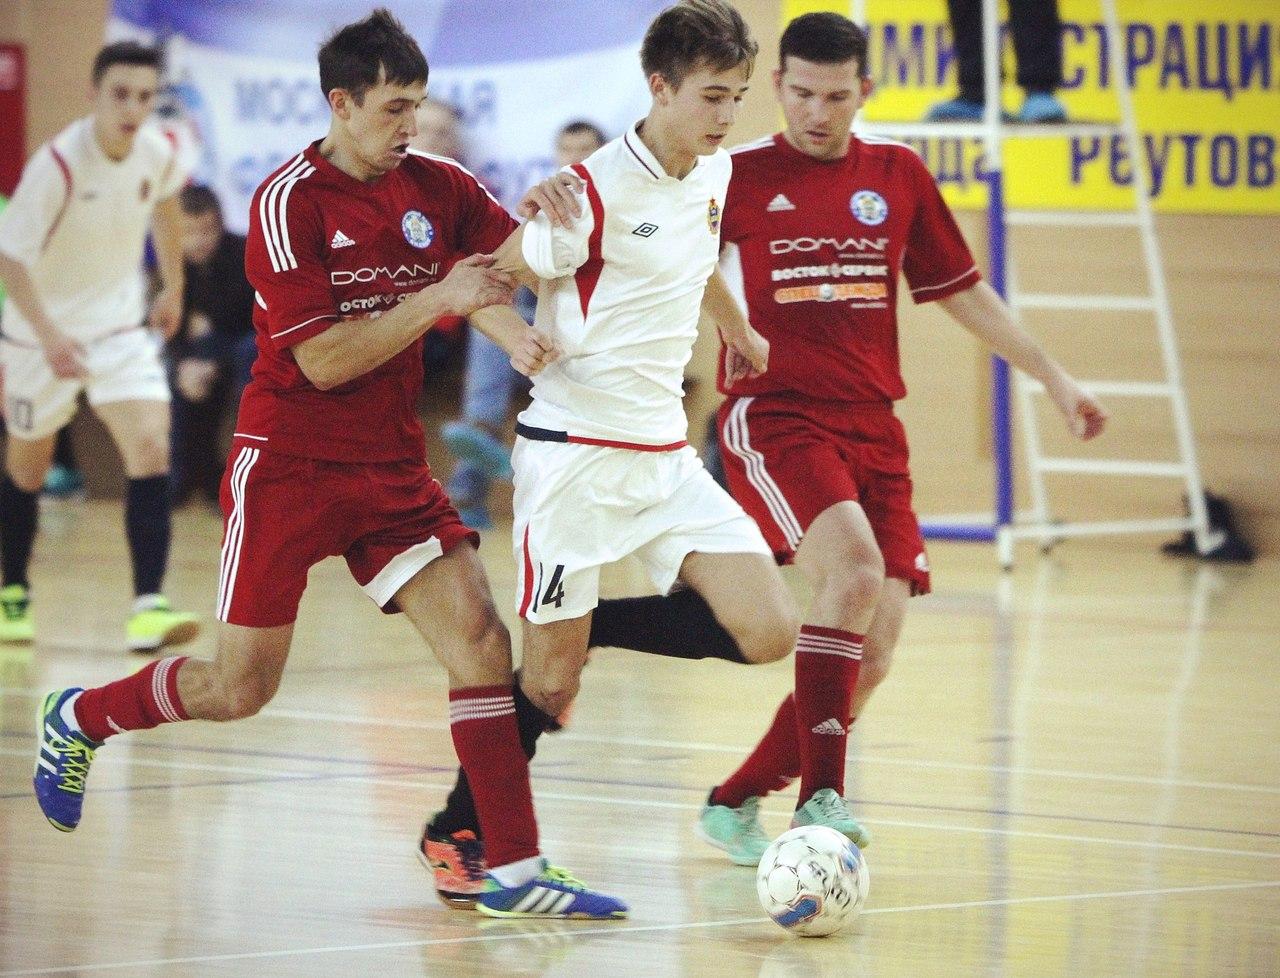 Мини-футбол. Открытый Чемпионат Москвы. Обзор третьего тура